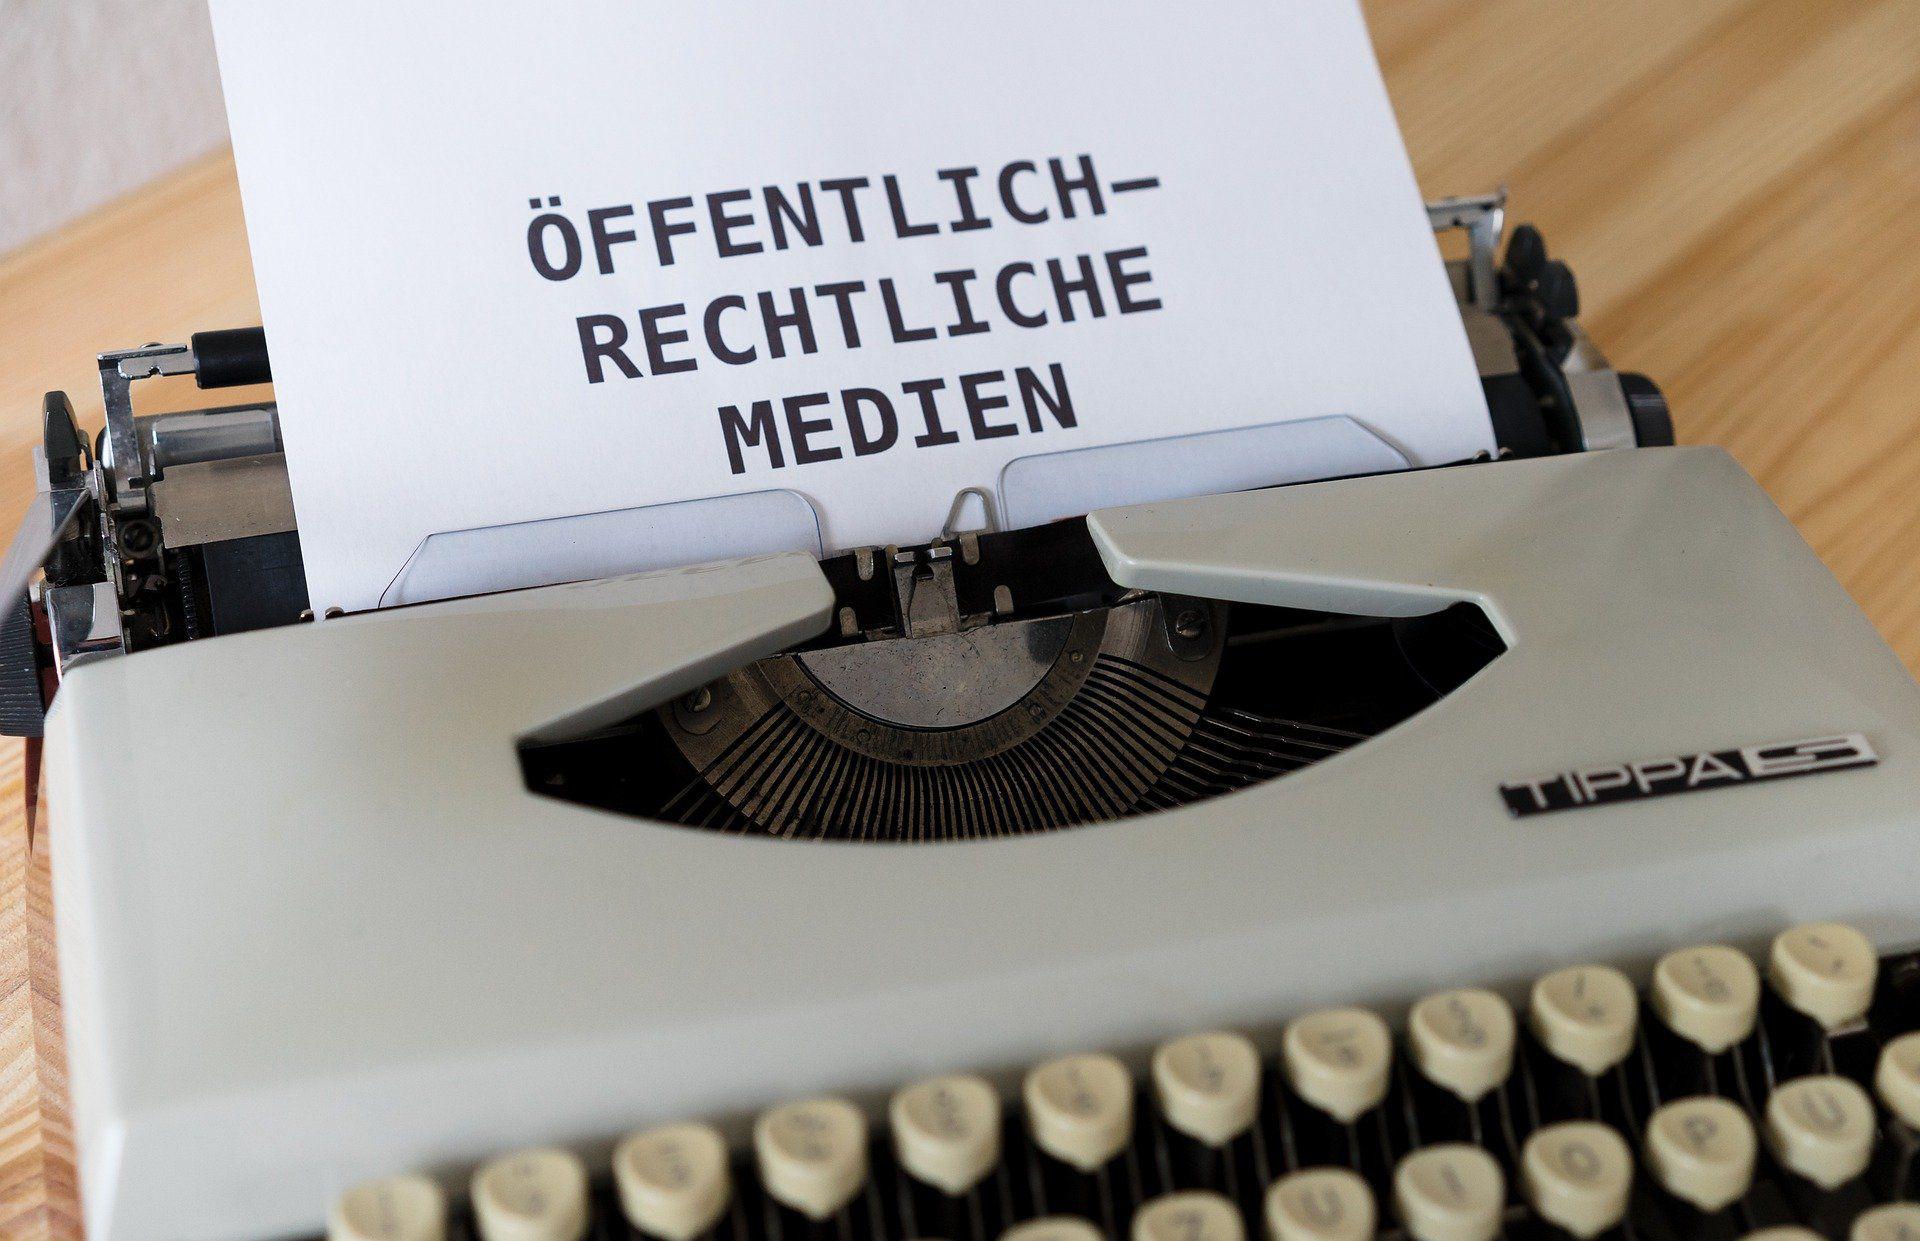 News: GEZ wird erhöht! Bundesverfassungsgericht widerspricht Rundfunkbeitrag Blockade